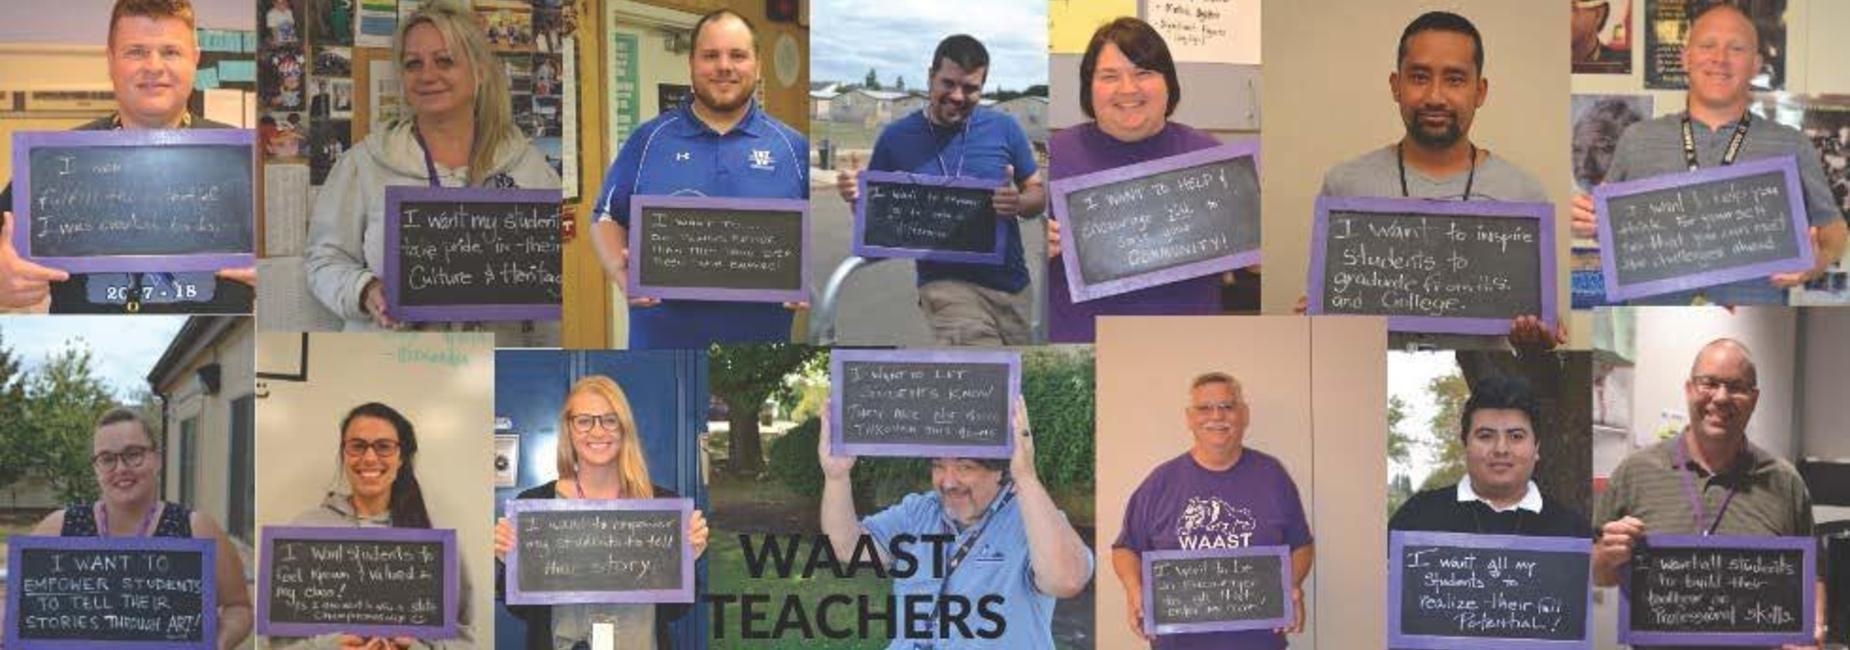 WAAST Teachers